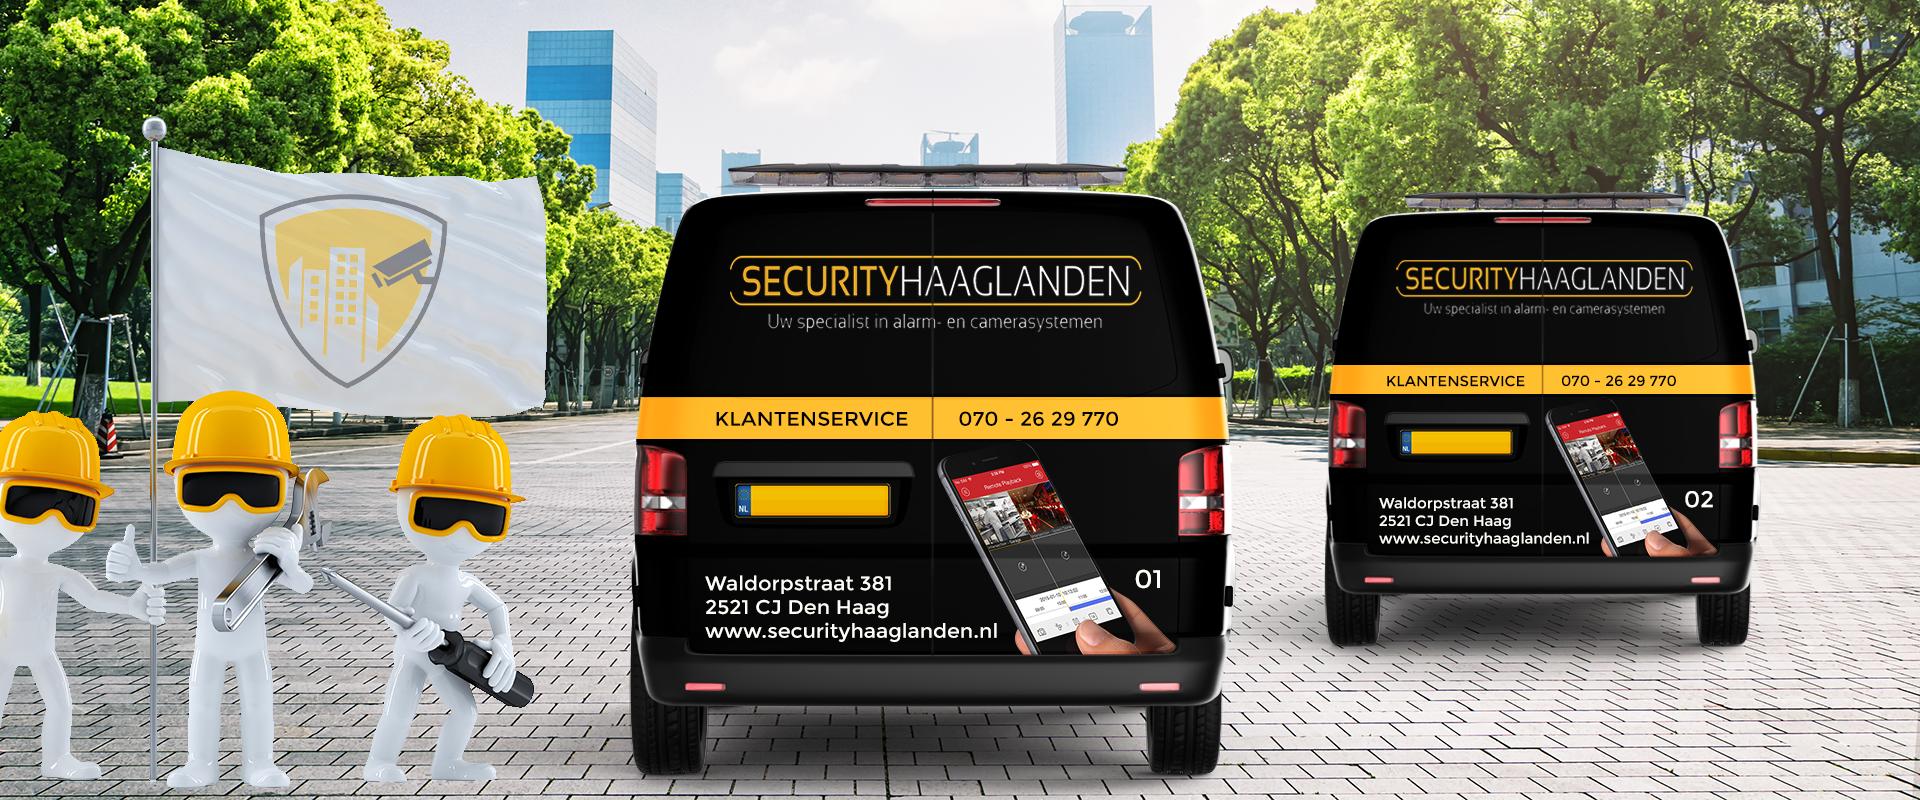 SecurityHaaglanden-Team-Klantenservice-Support